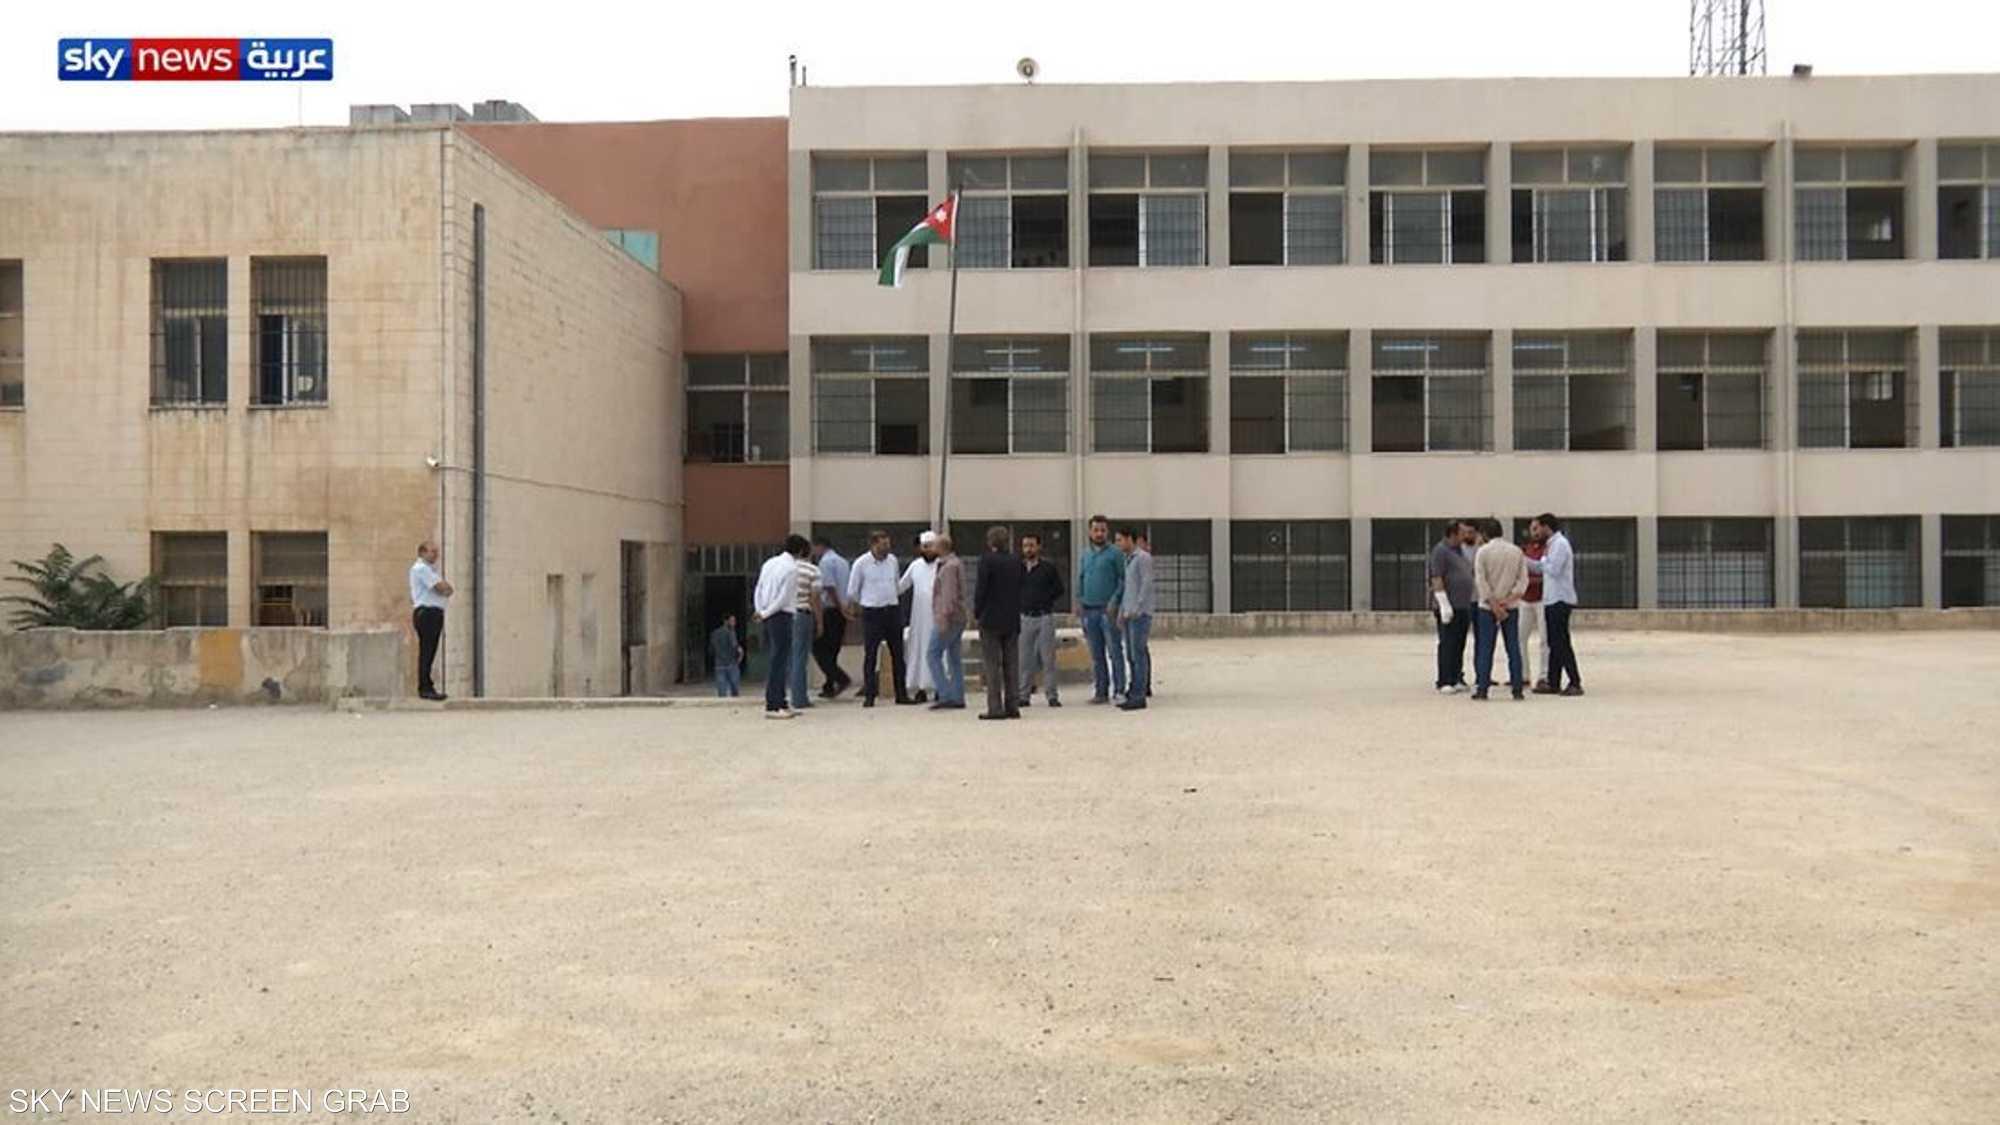 أزمة إضراب المعلمين في الأردن تراوح مكانها